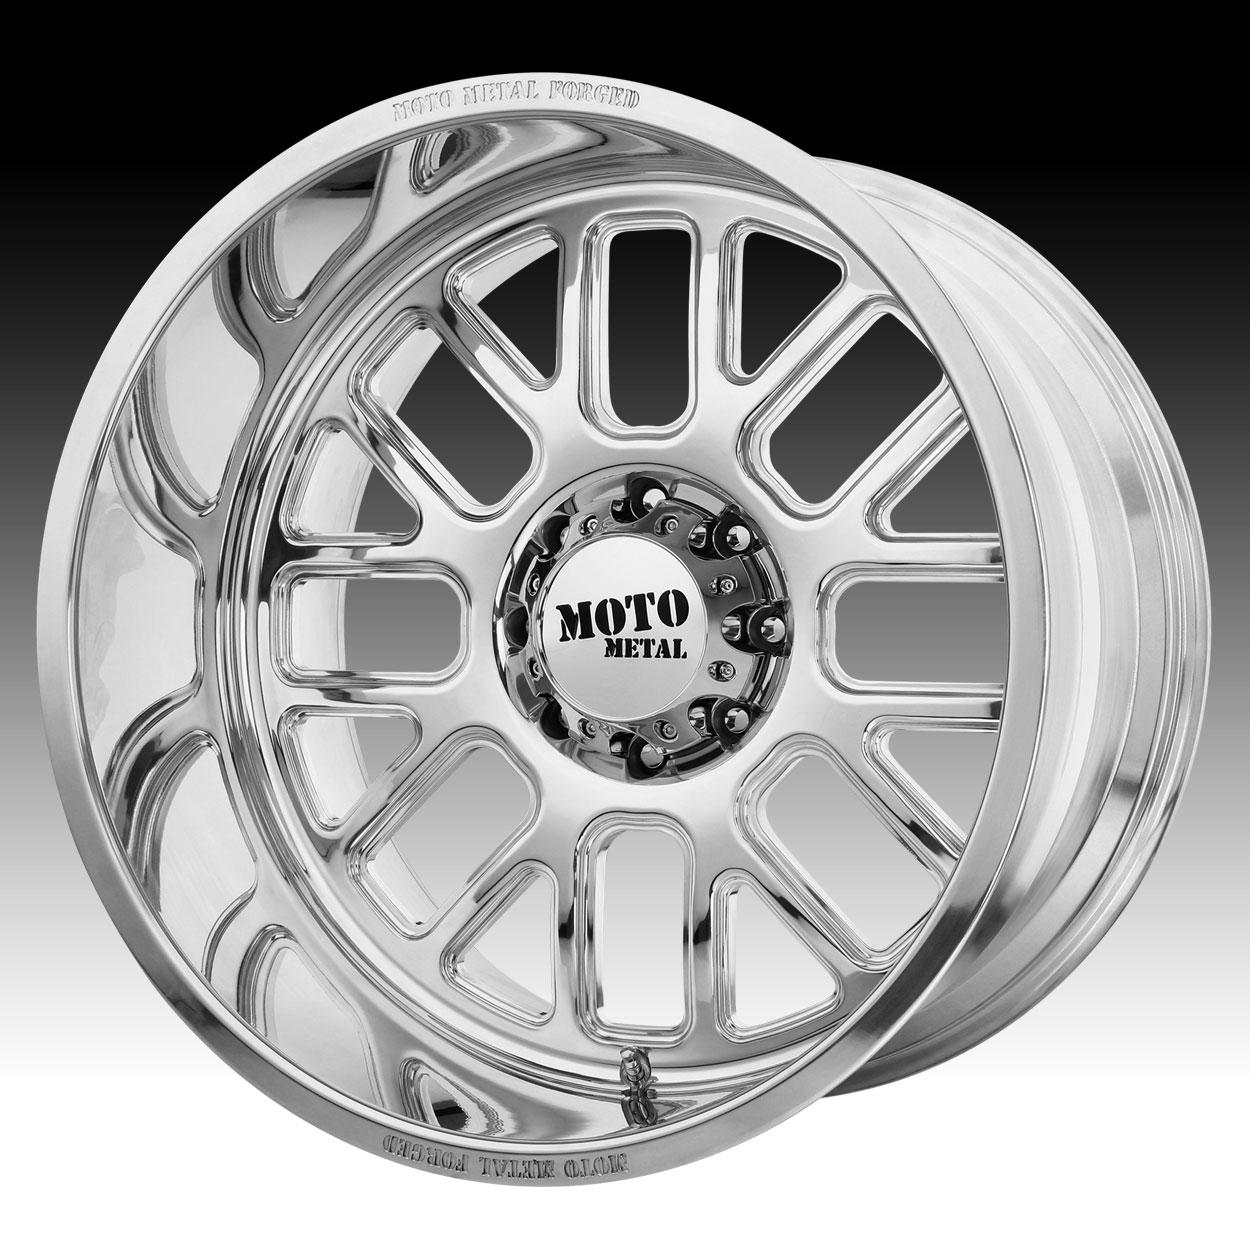 Moto Metal Wheels >> Moto Metal MO404 Forged Polished Custom Wheels Rims - MO404 - Moto Metal Custom Wheels